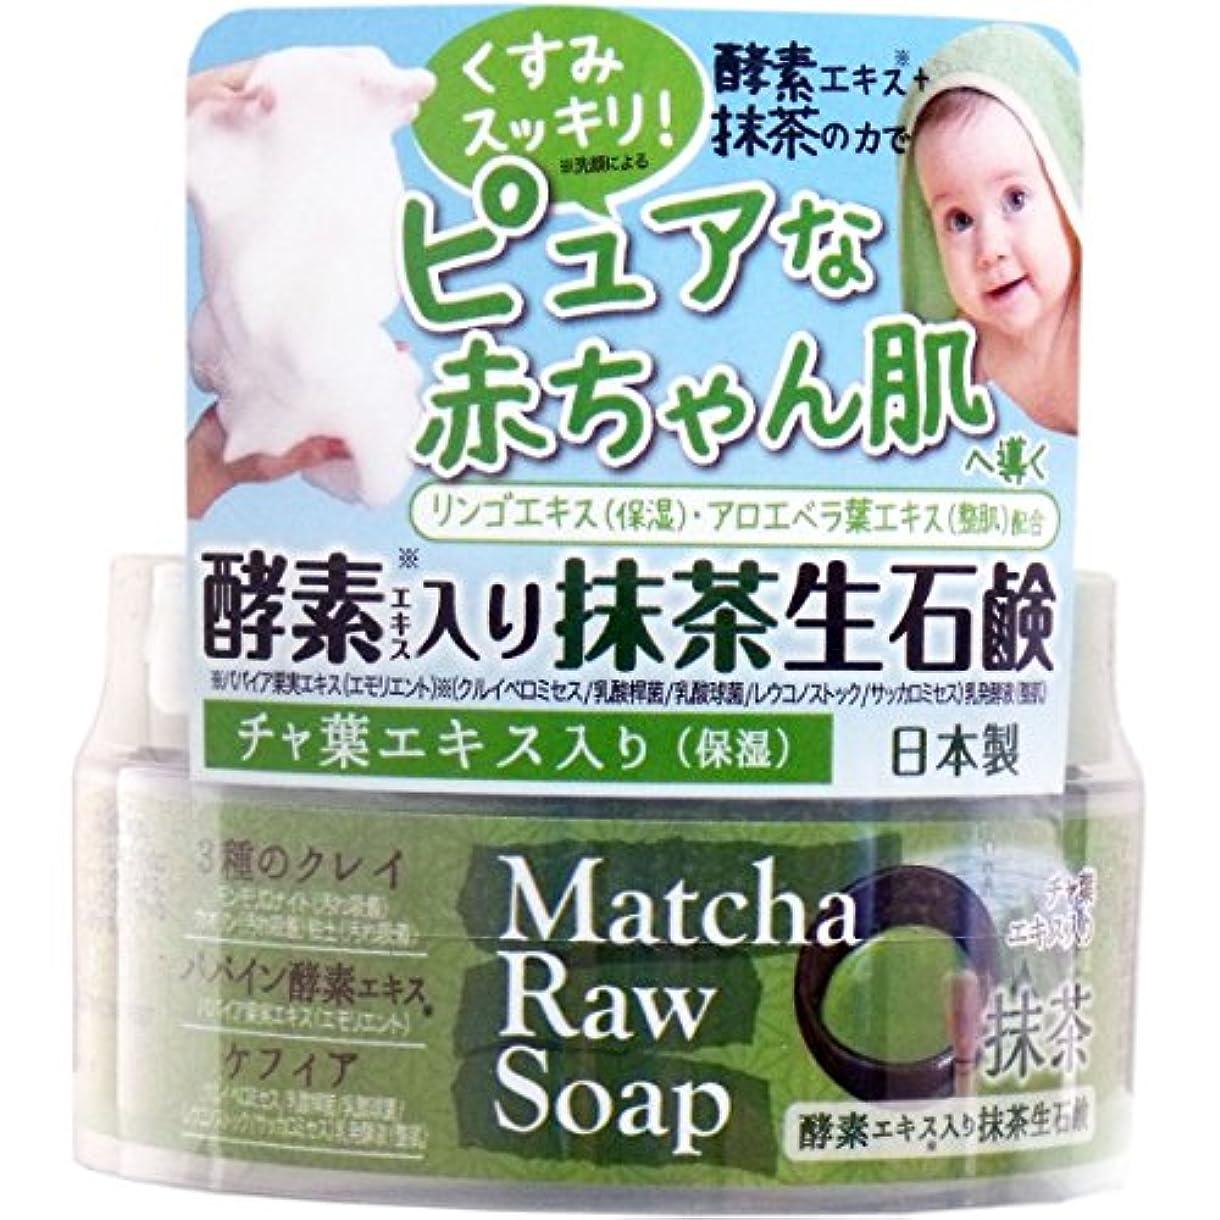 国籍改善あまりにも酵素エキス入り抹茶生石鹸